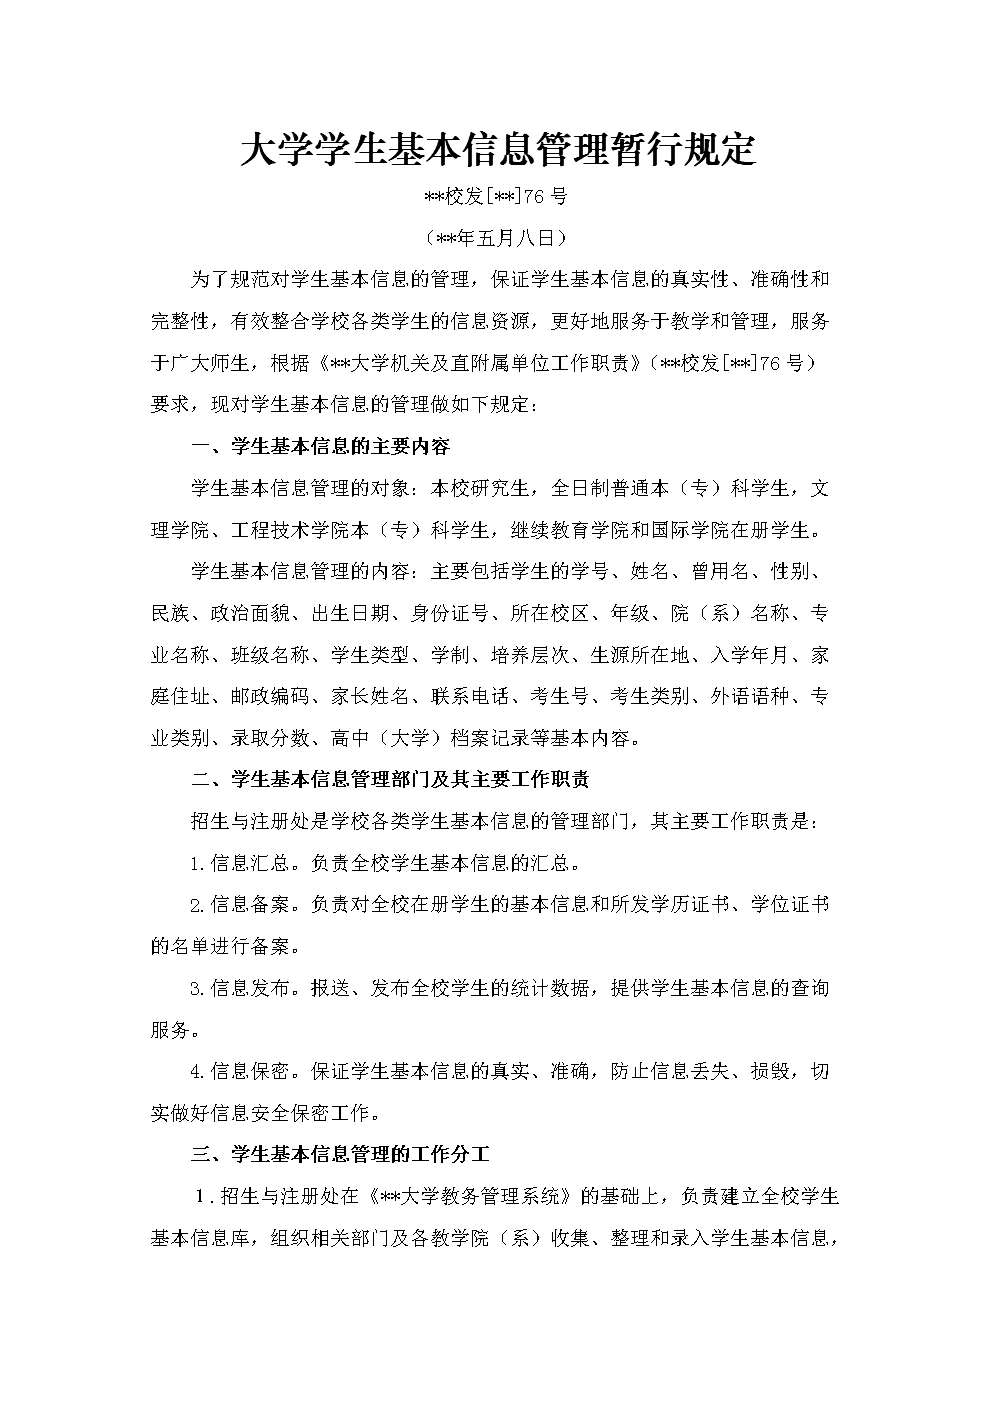 大学学生基本信息管理暂行规定模版.docx